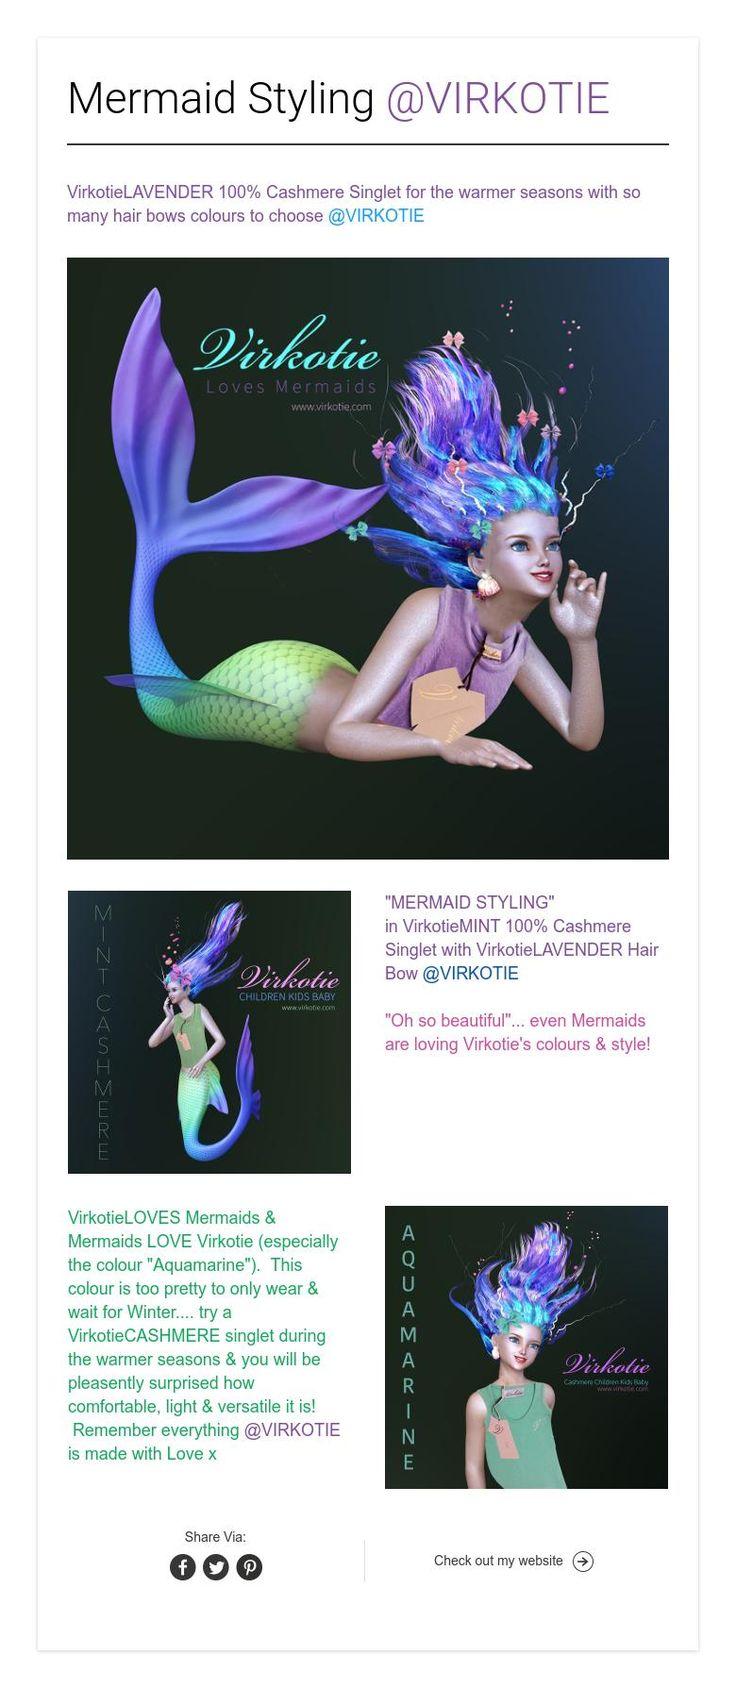 Mermaid Styling @VIRKOTIE